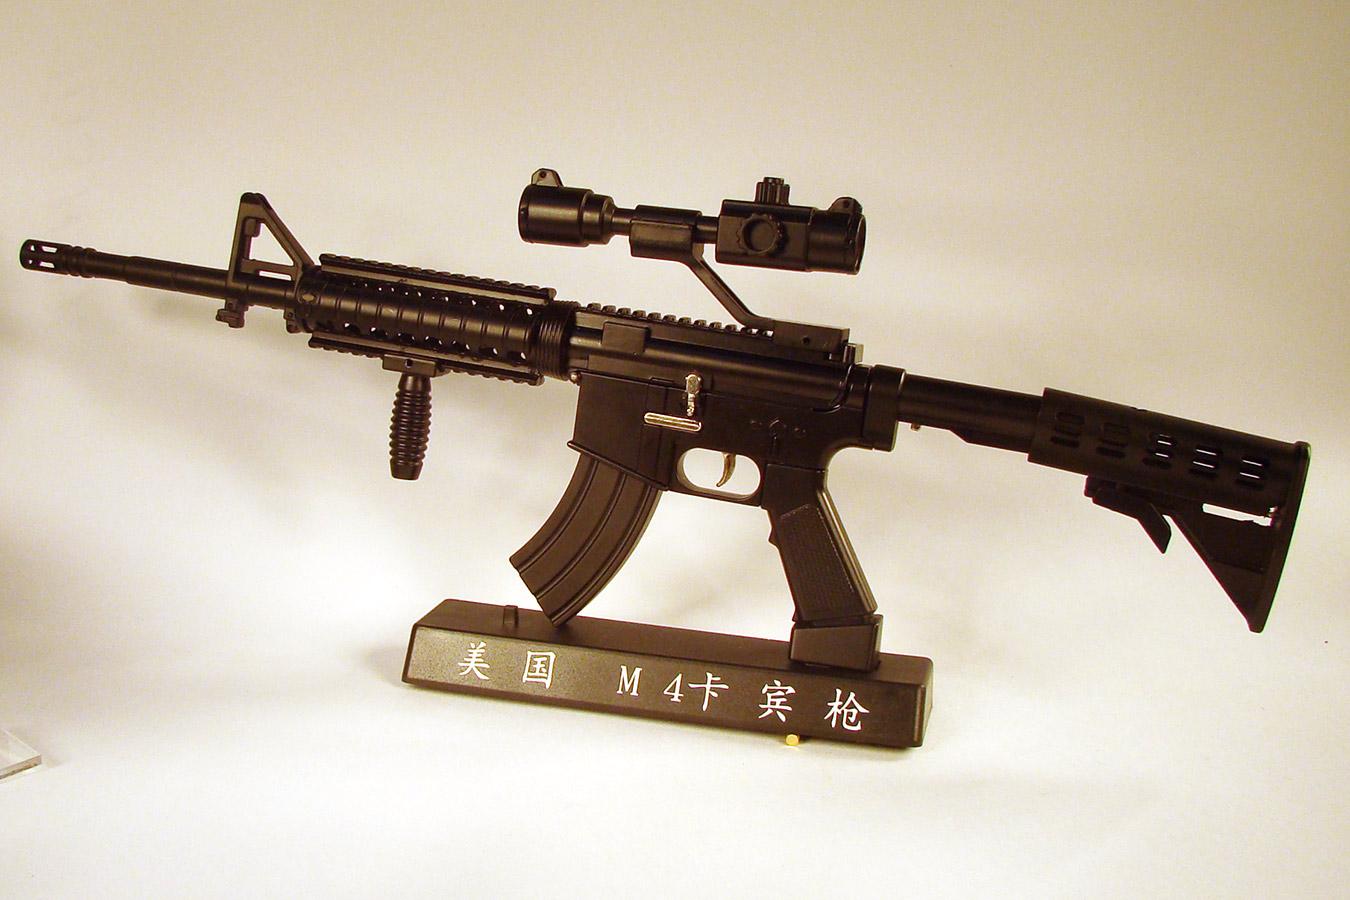 Colt M4 в масштабе 1:2 изображение 0